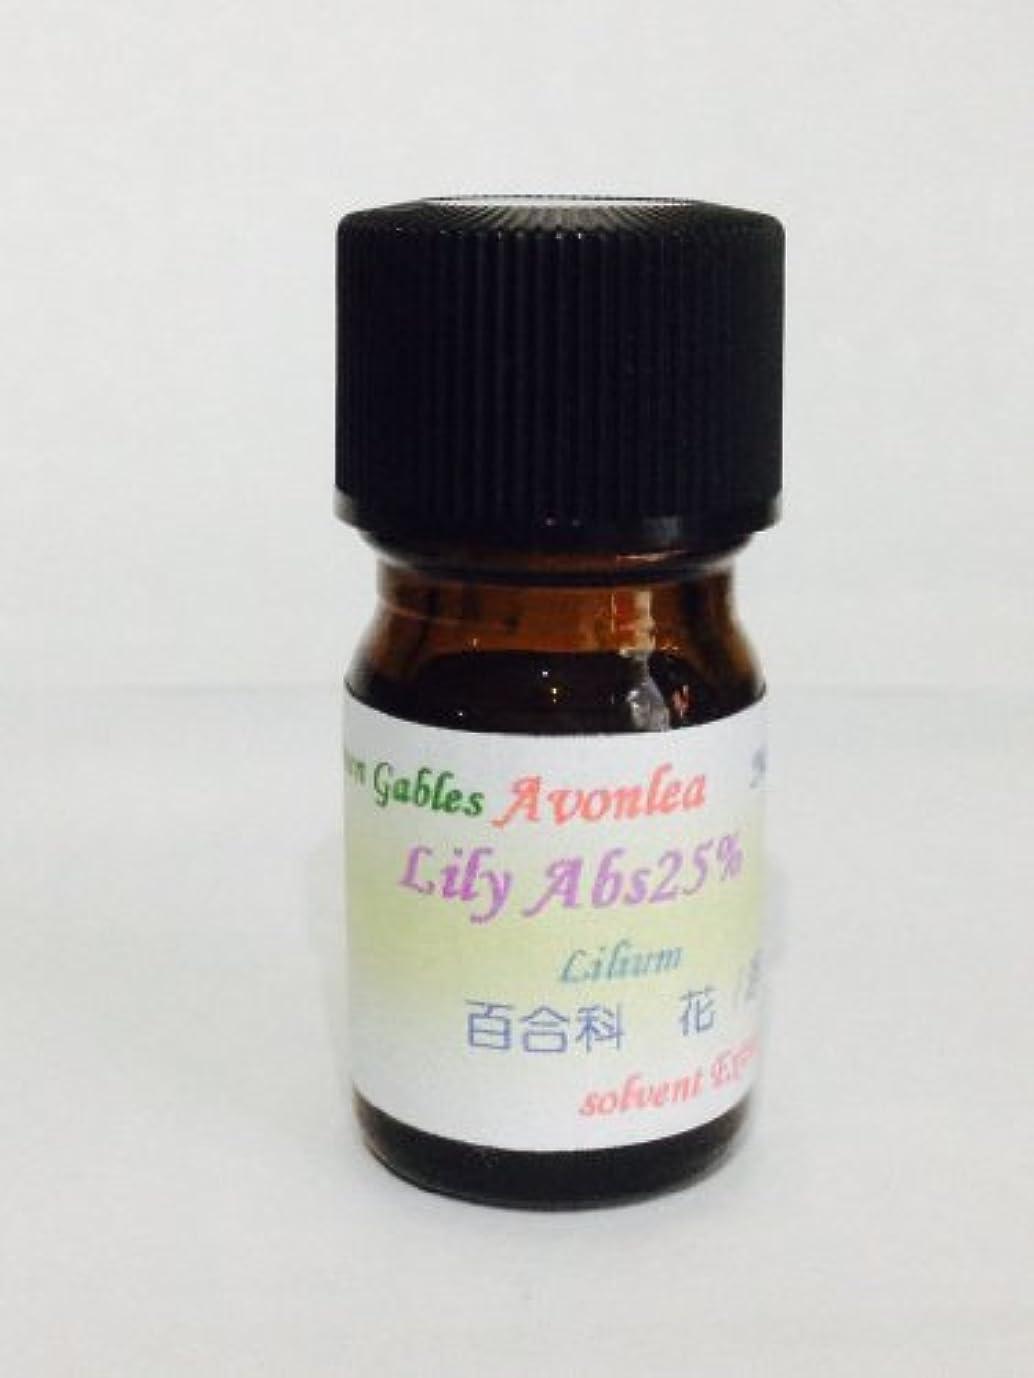 うぬぼれ絶縁するジレンマリリー Abs 25% 百合 エッセンシャルオイル 超高級精油 5ml